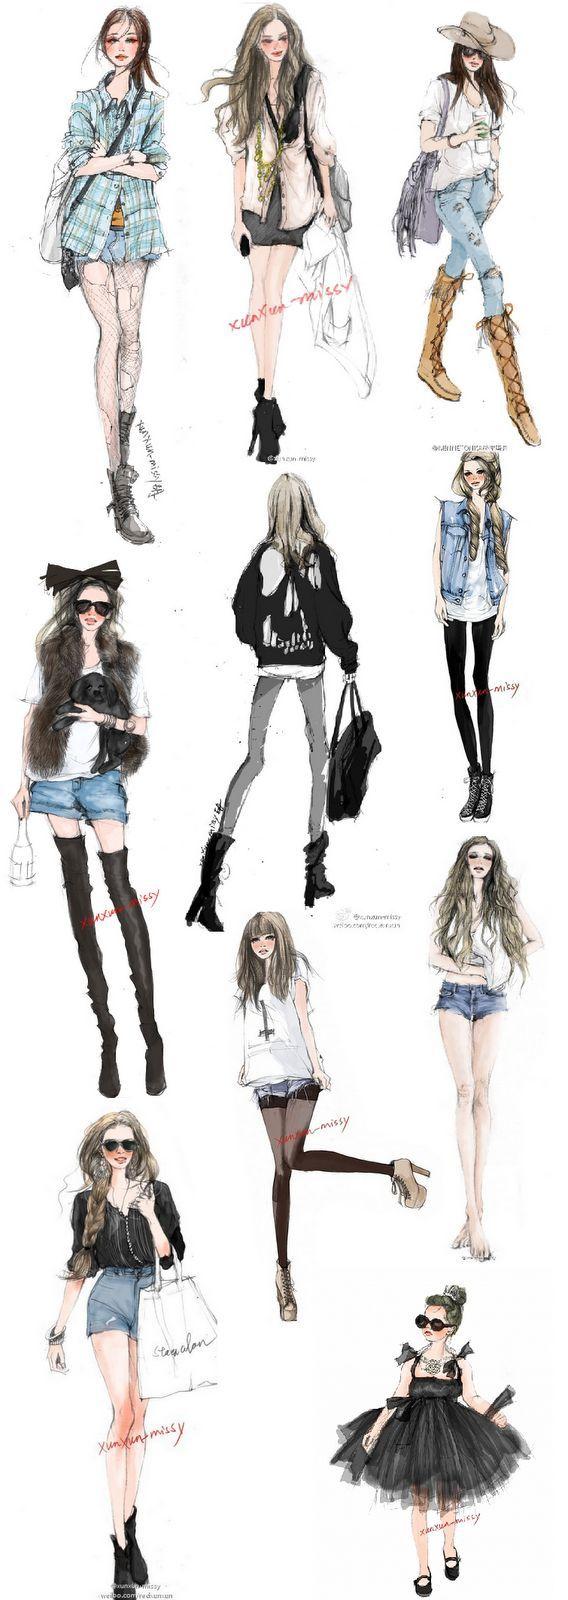 Xunxun Missy - fashion #illustrations